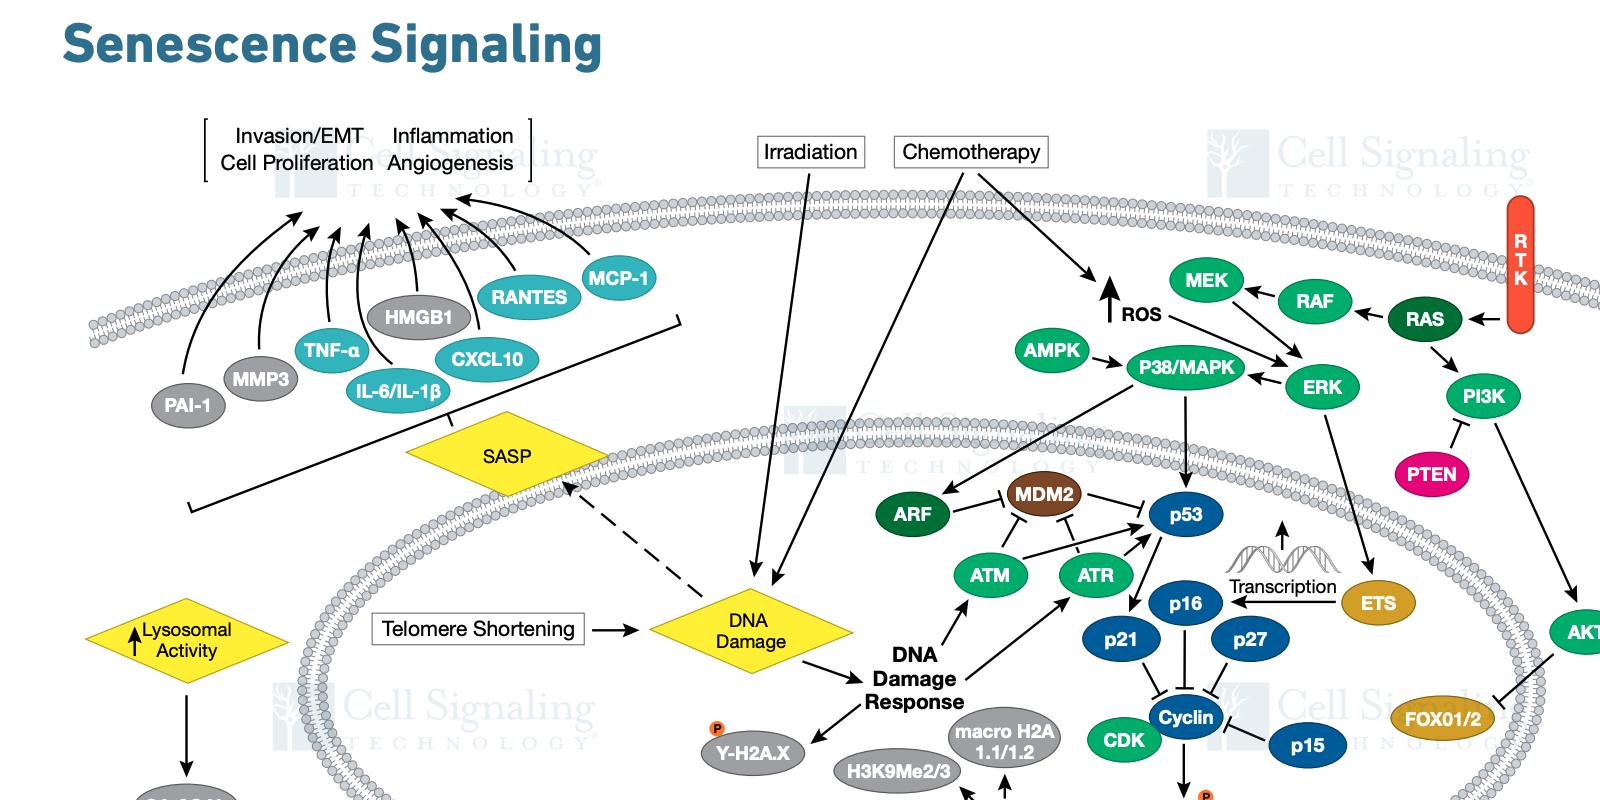 20-CEP-15480 Senescence Signaling Art